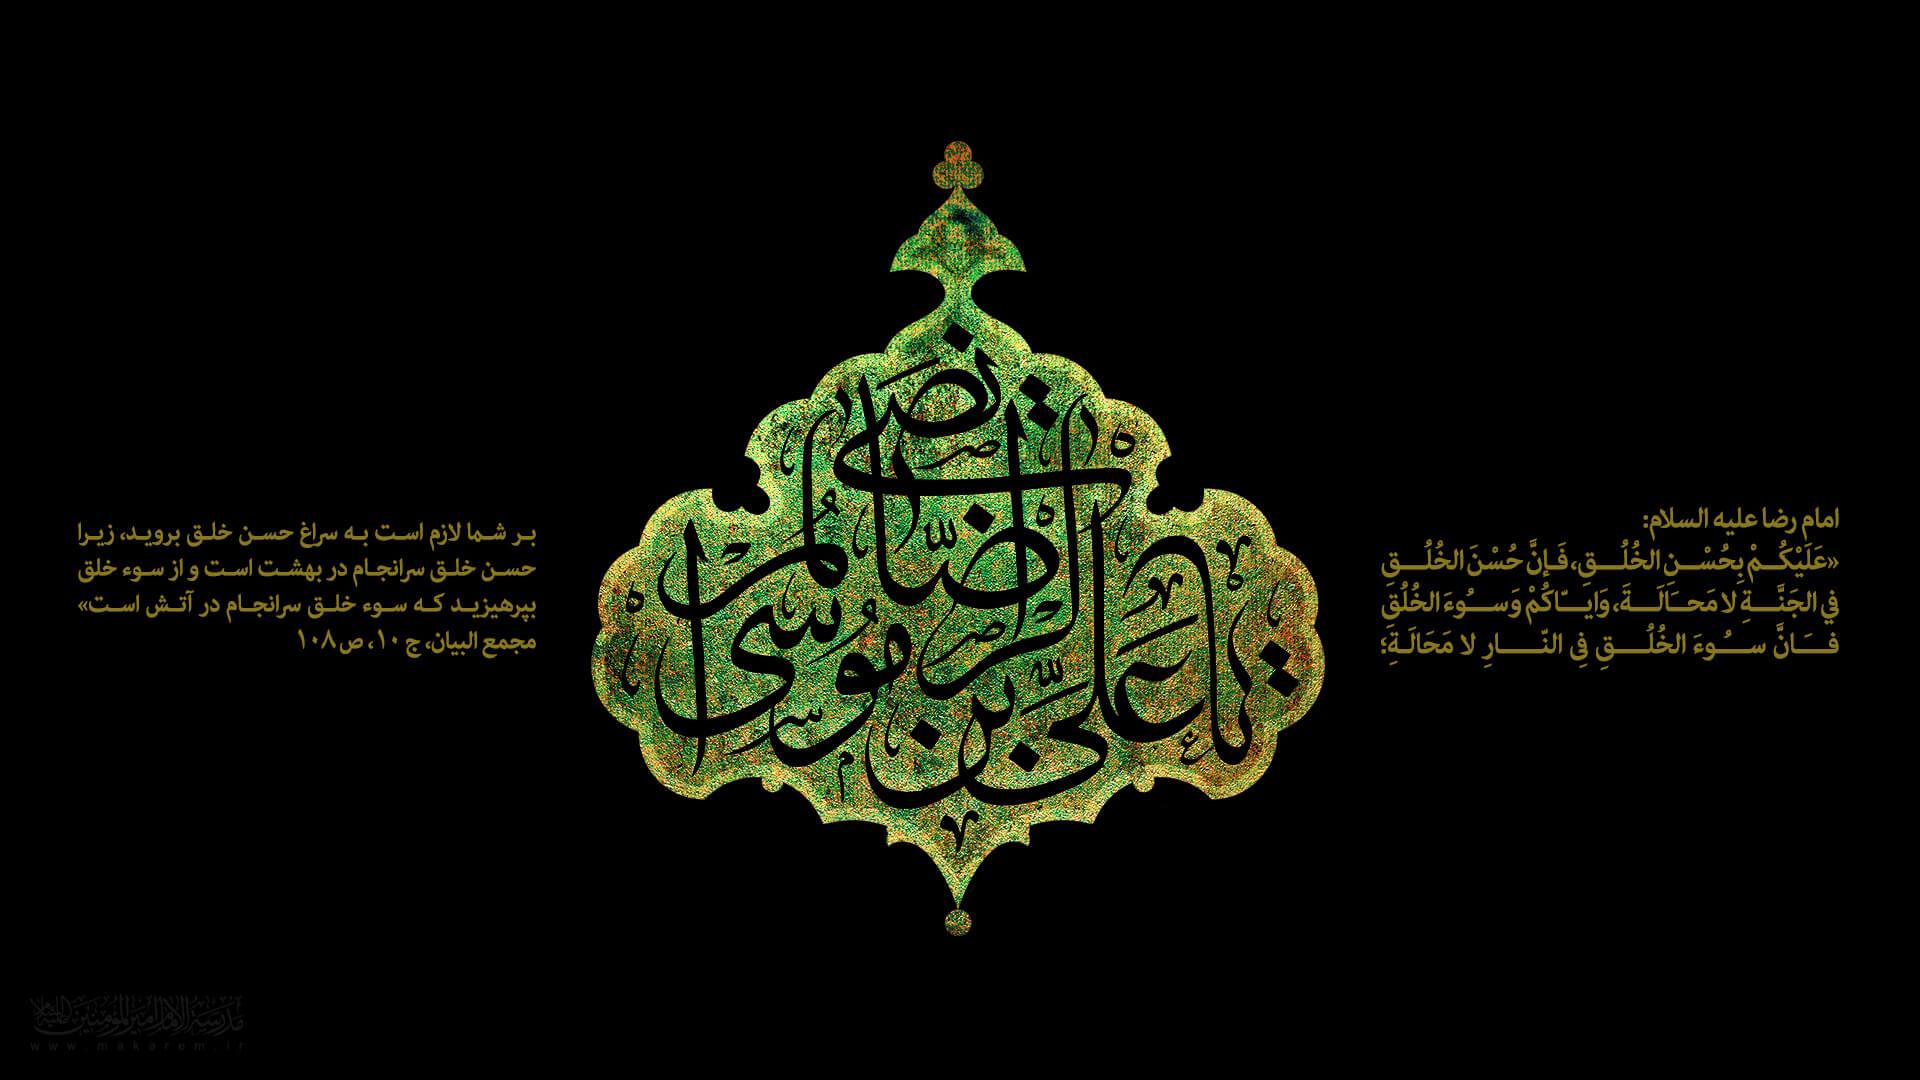 شهادت امام رضا 02-مدرسه الامام امیر المومنین (ع)